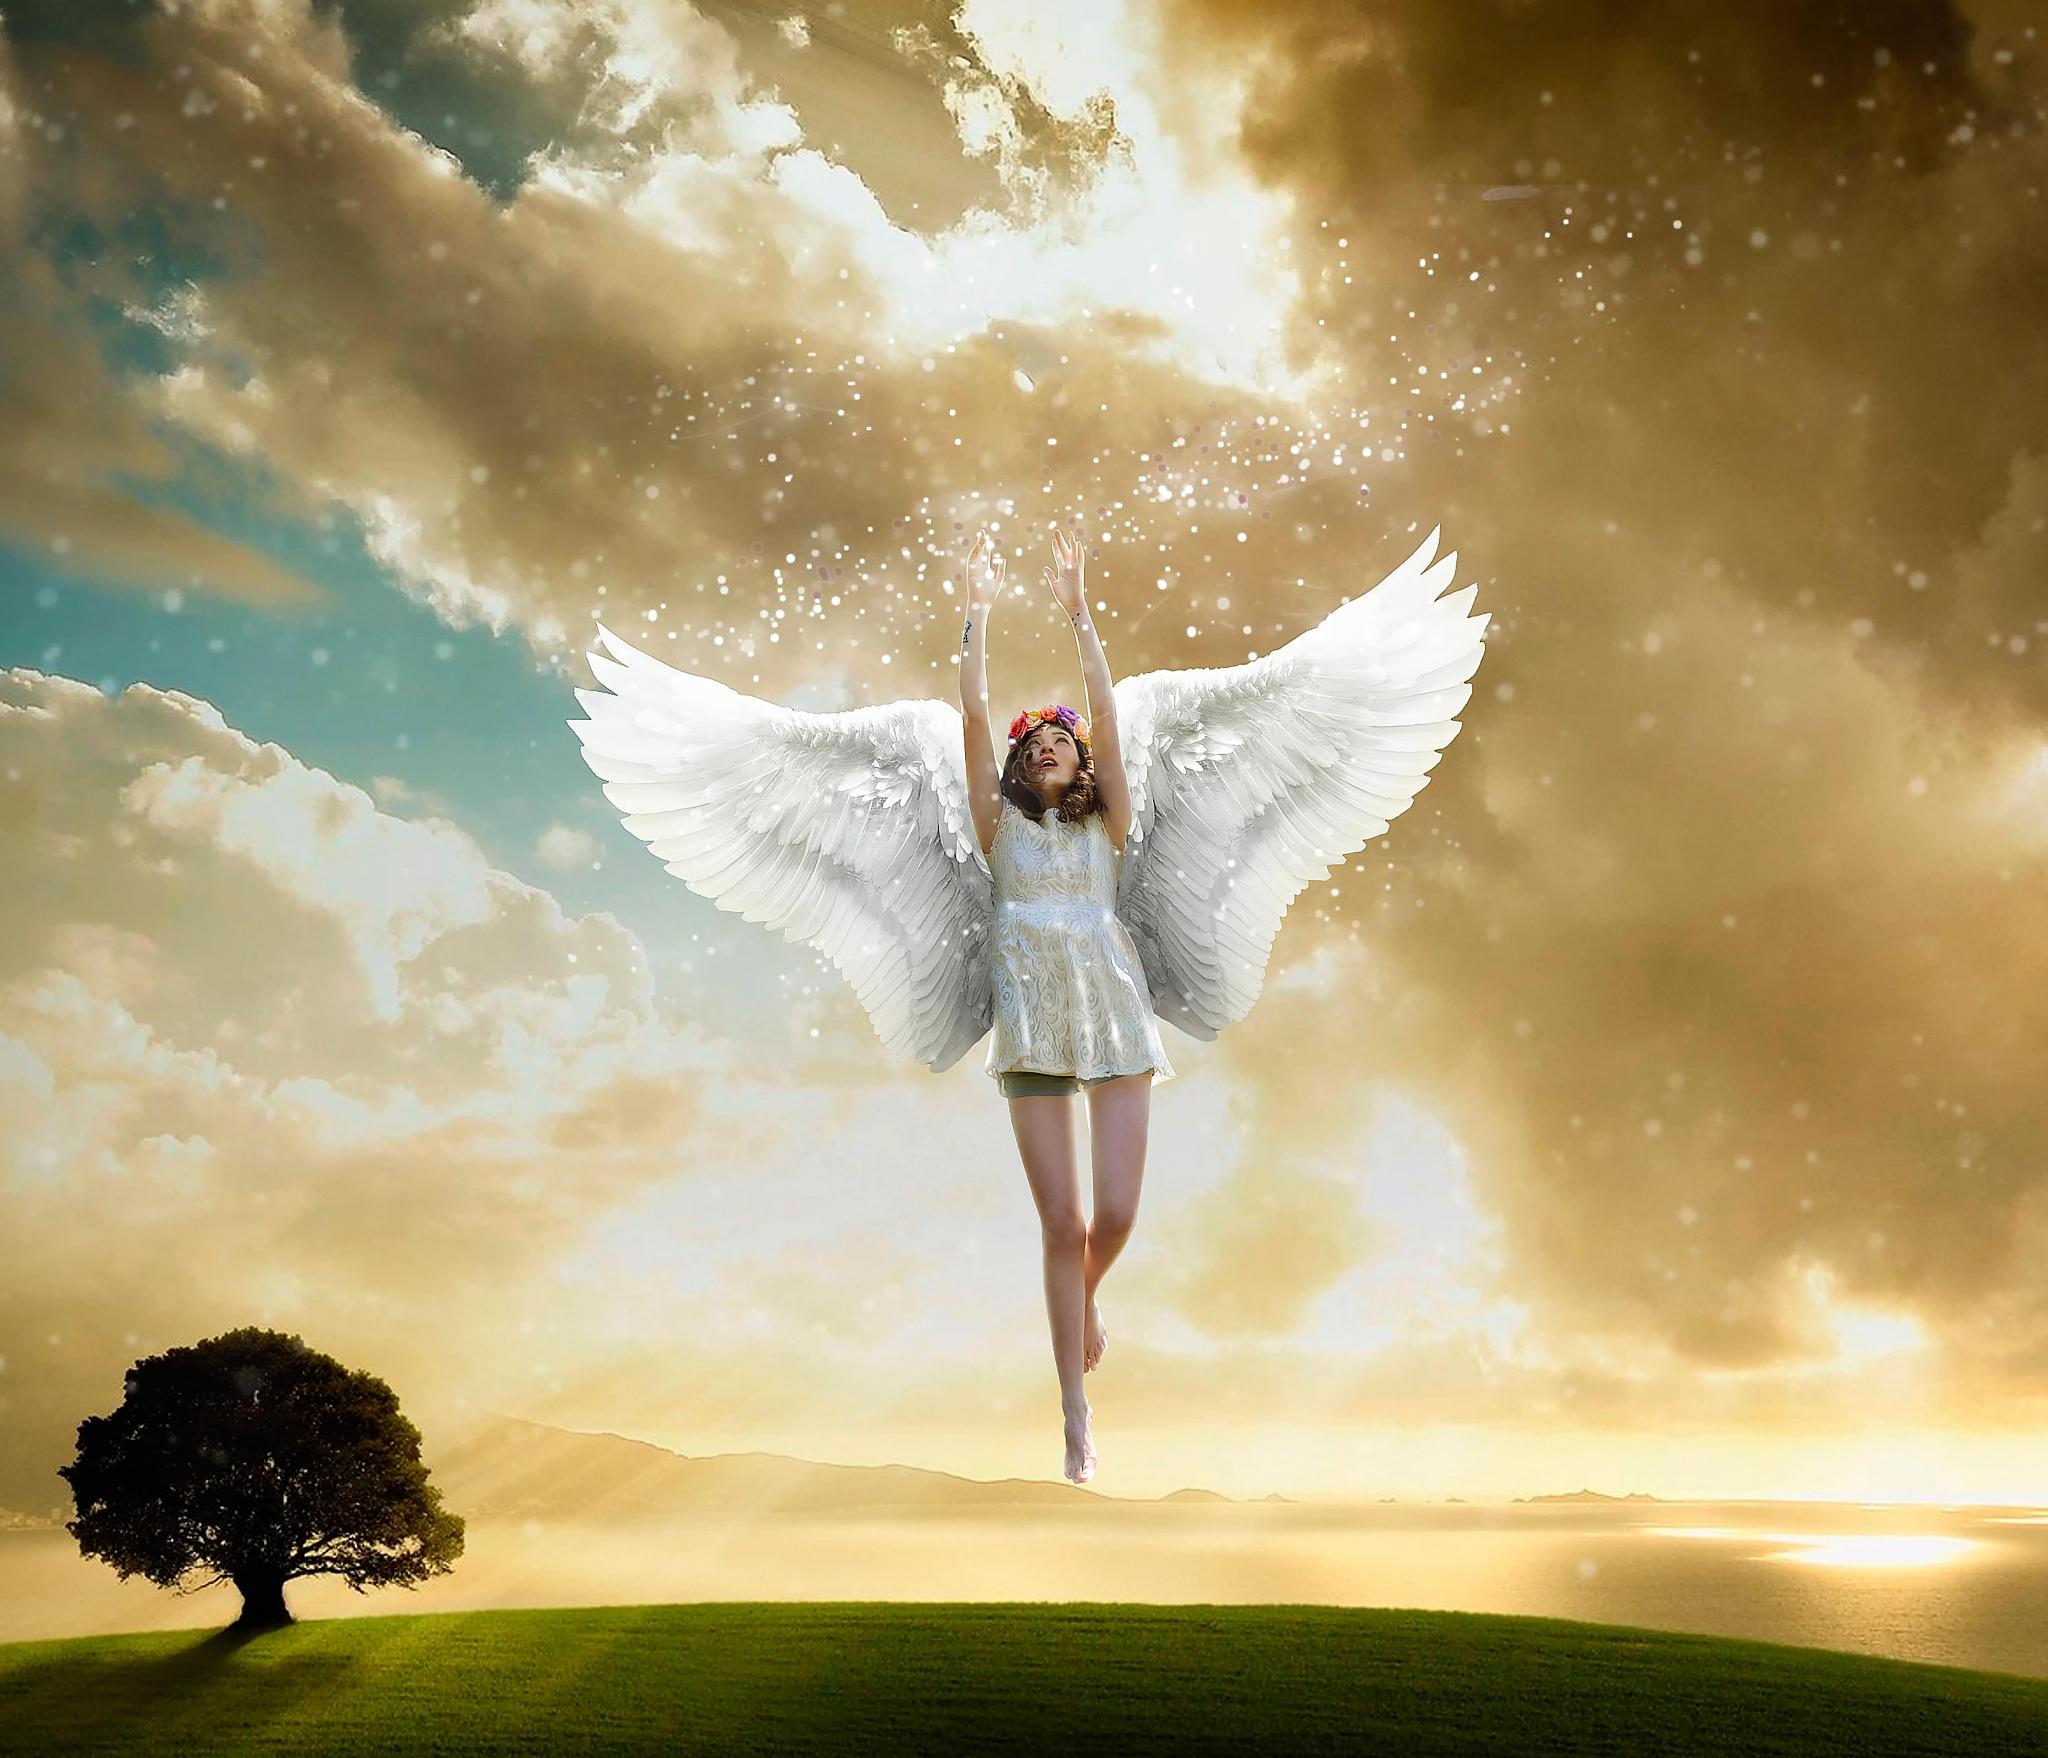 художник может картинки ангел мой не улетай полипы прямой кишки